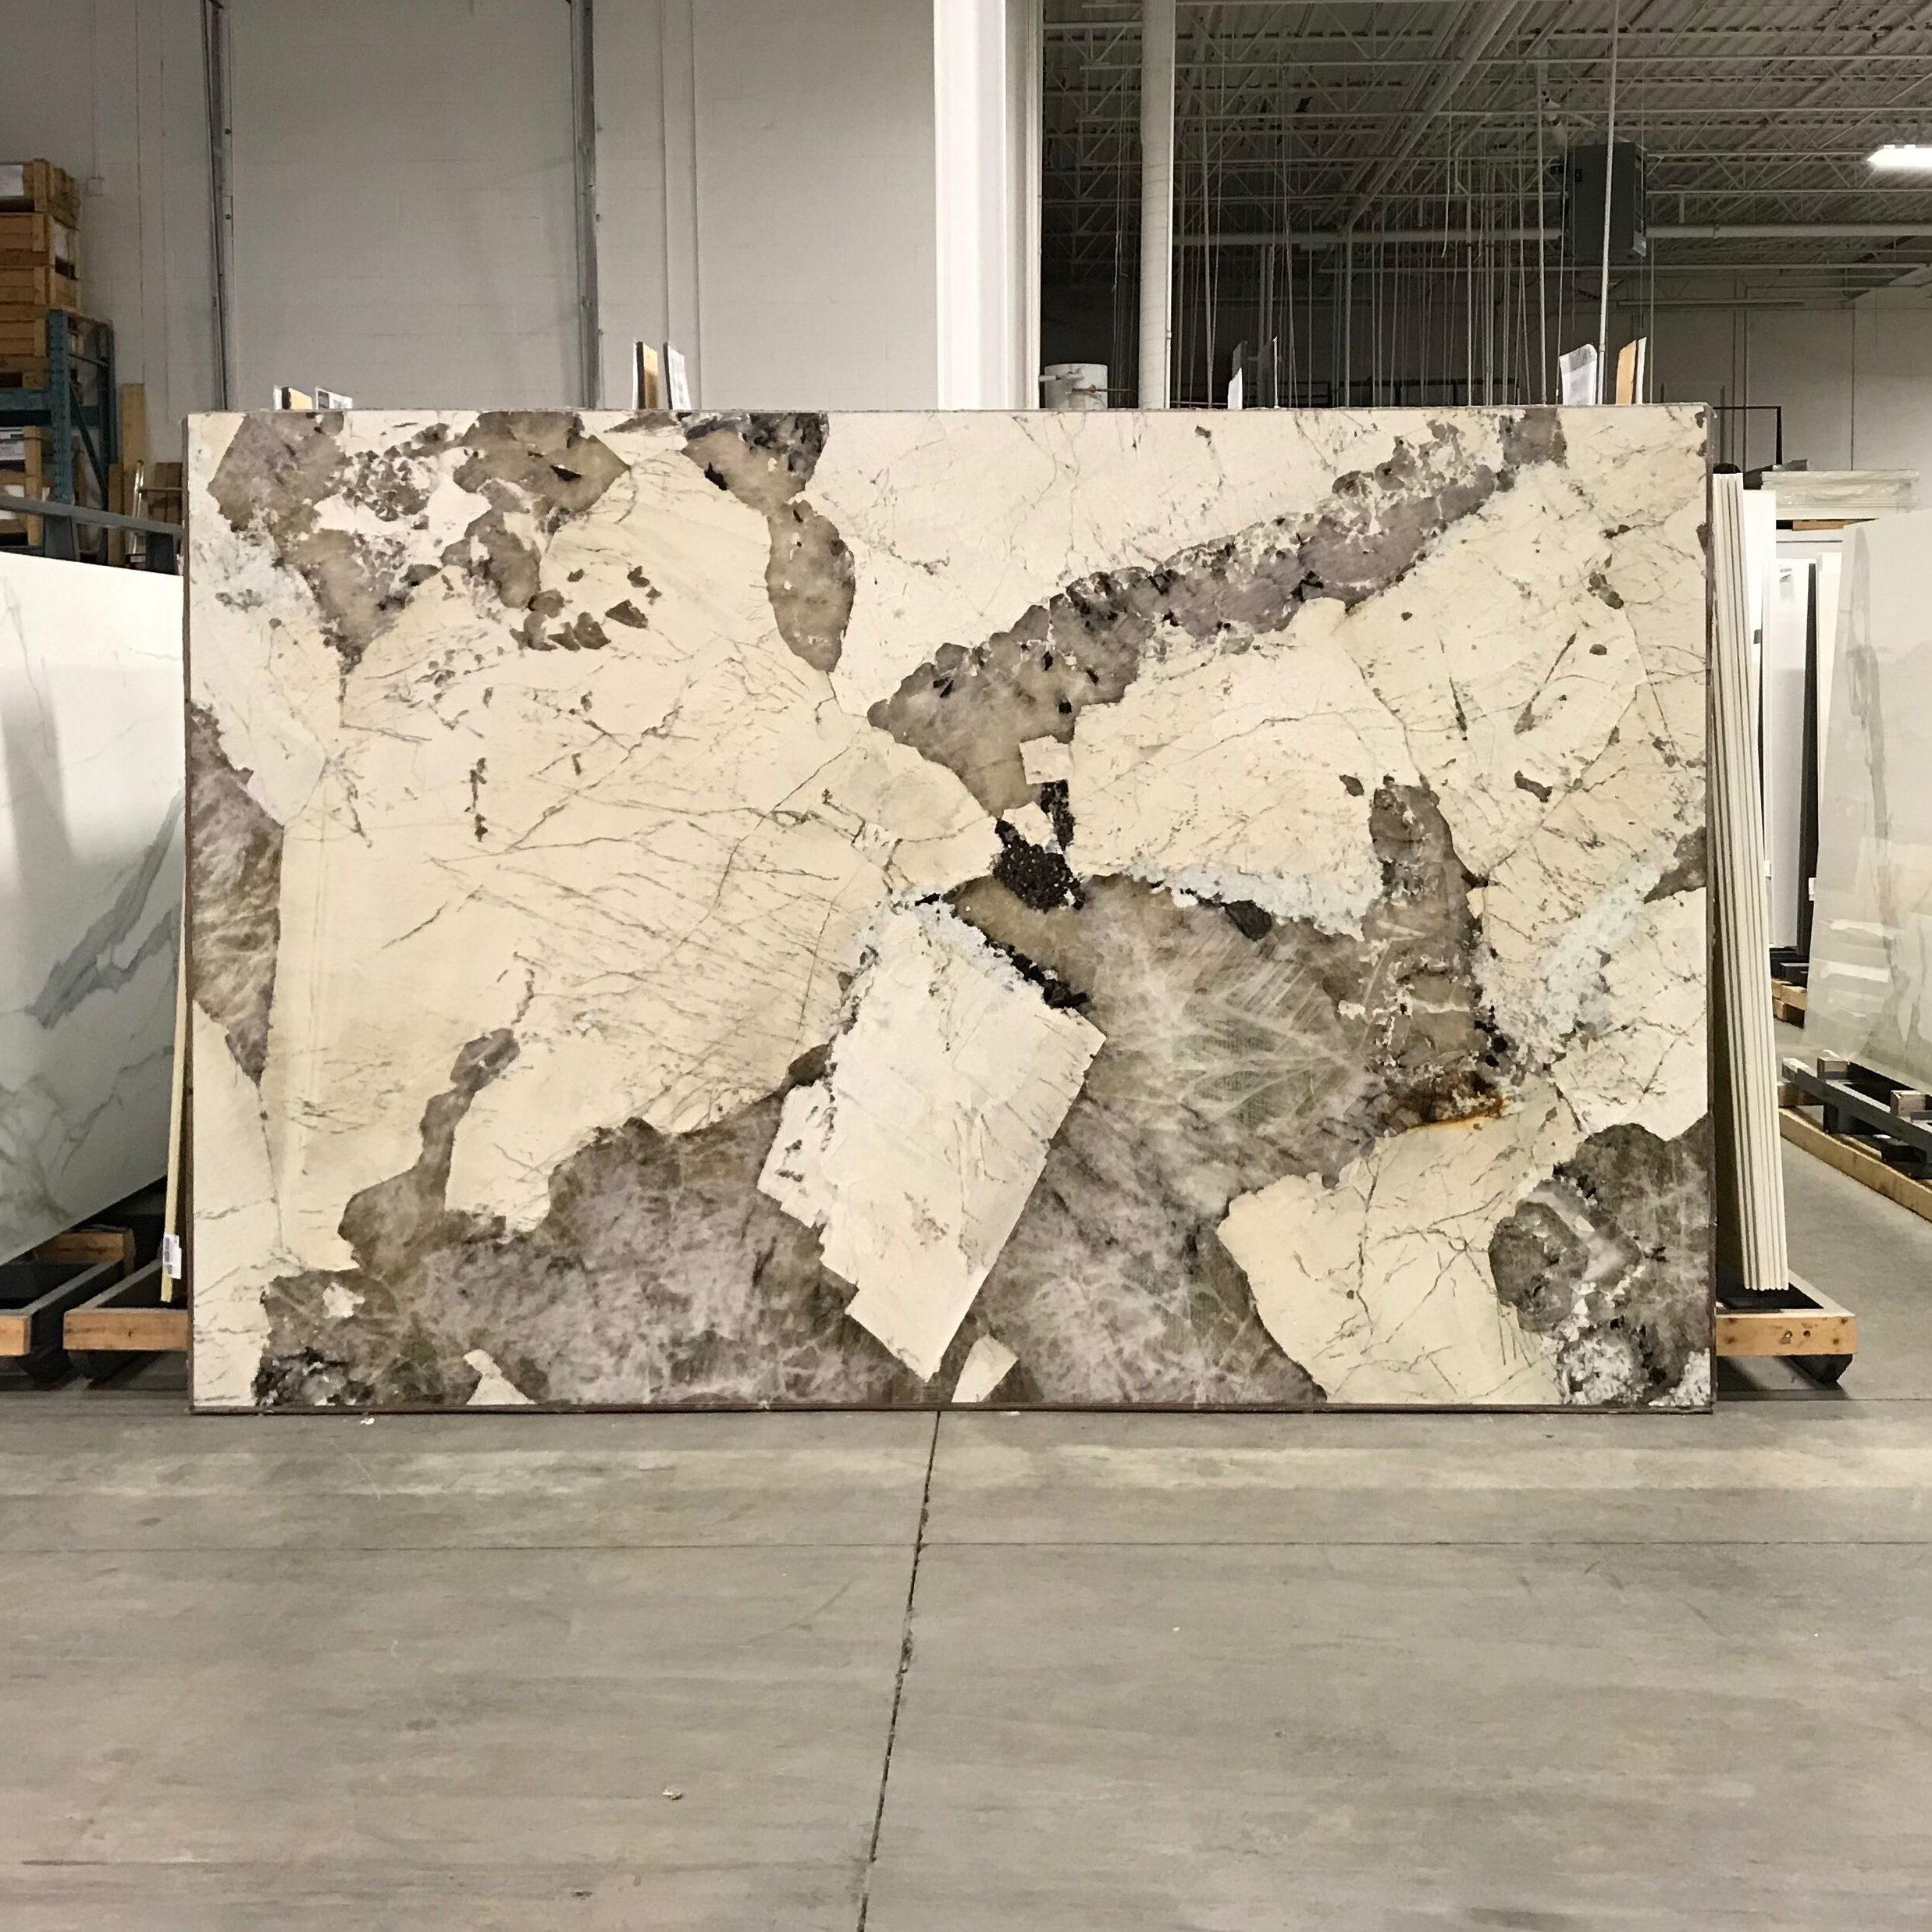 Patagonia Slabs Marble Trend Marble Granite Tiles